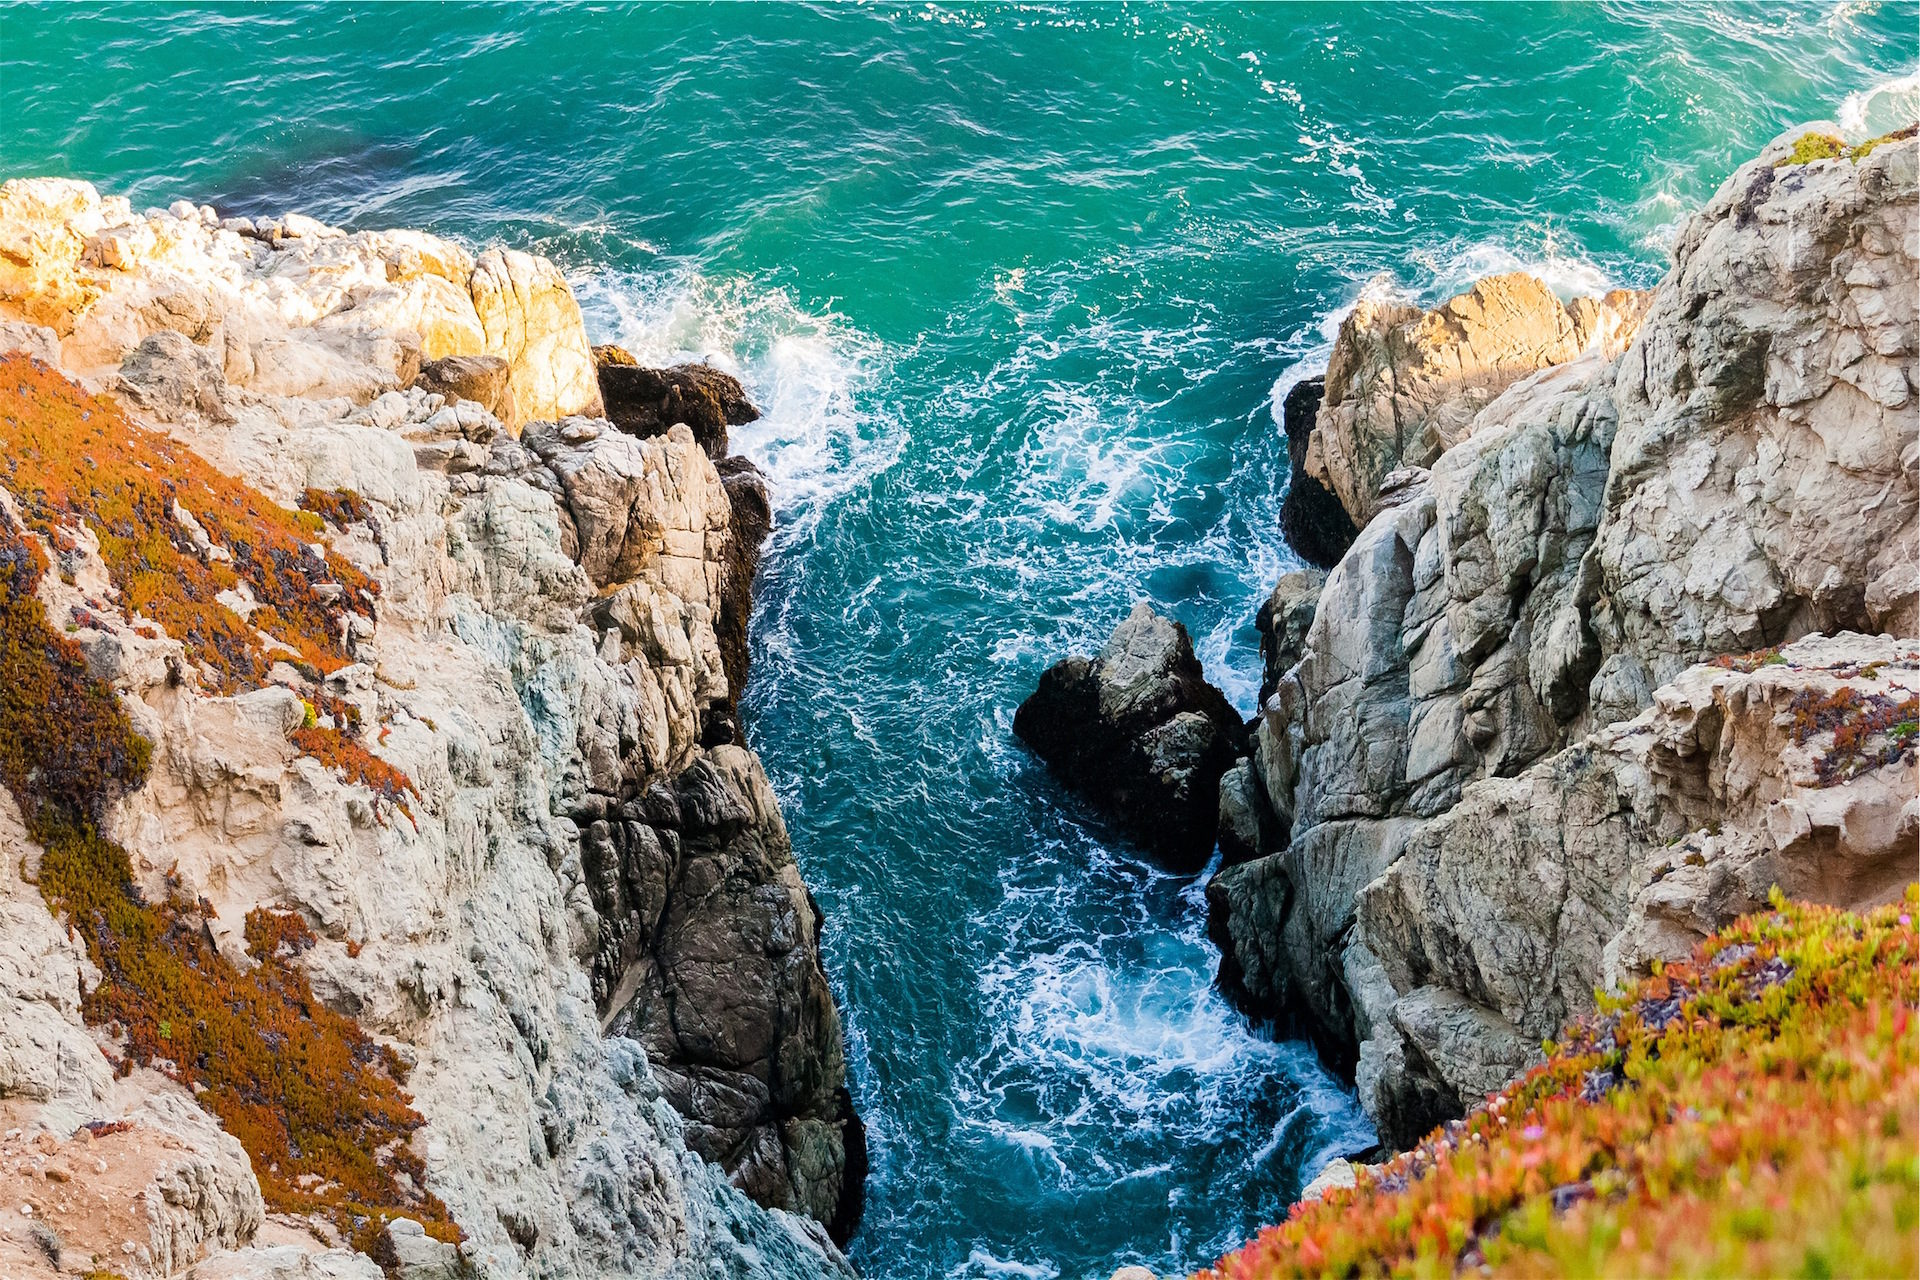 Cliff, Mare, Rocas, acqua, pericolo - Sfondi HD - Professor-falken.com